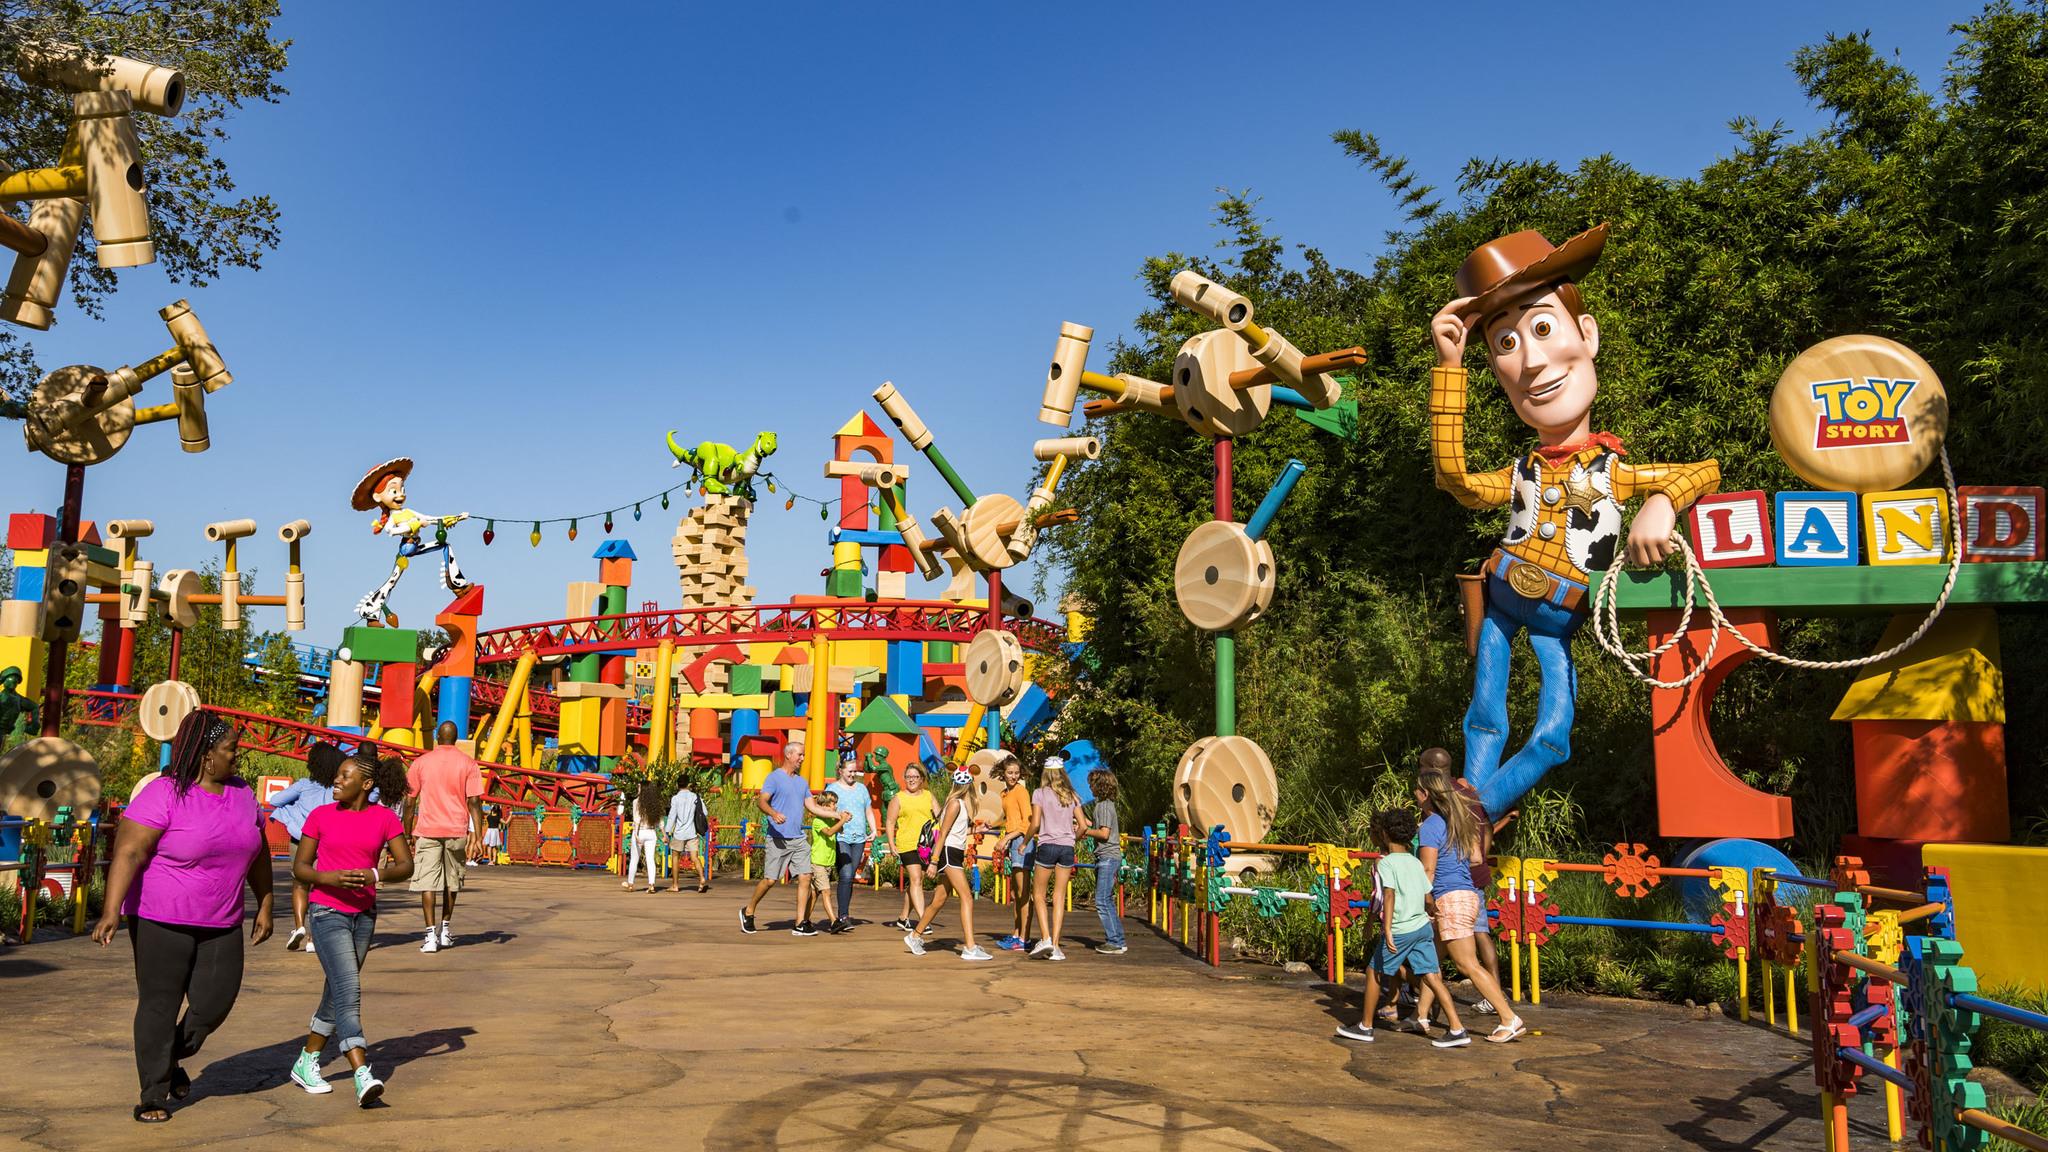 Con una extensión de <u>110 km2 </u>(dos veces el tamaño de Manhattan), el parque de ocio Disney en Orlando reúne <strong>seis parques temáticos</strong> (Magic Kingdom, Epcot, Hollywood Studios, Animal Kingdom y dos acuáticos: Blizzard Beach y  Typhoon Lagoon). Los cuatro primeros reúnen un centenar de atracciones, además de <em>shows </em>callejeros, espectáculos nocturnos... La atracción más visitada, desde que se inauguró en mayo de 2017, es <em>Flight of Avatar,</em> en Animal Kingdom.